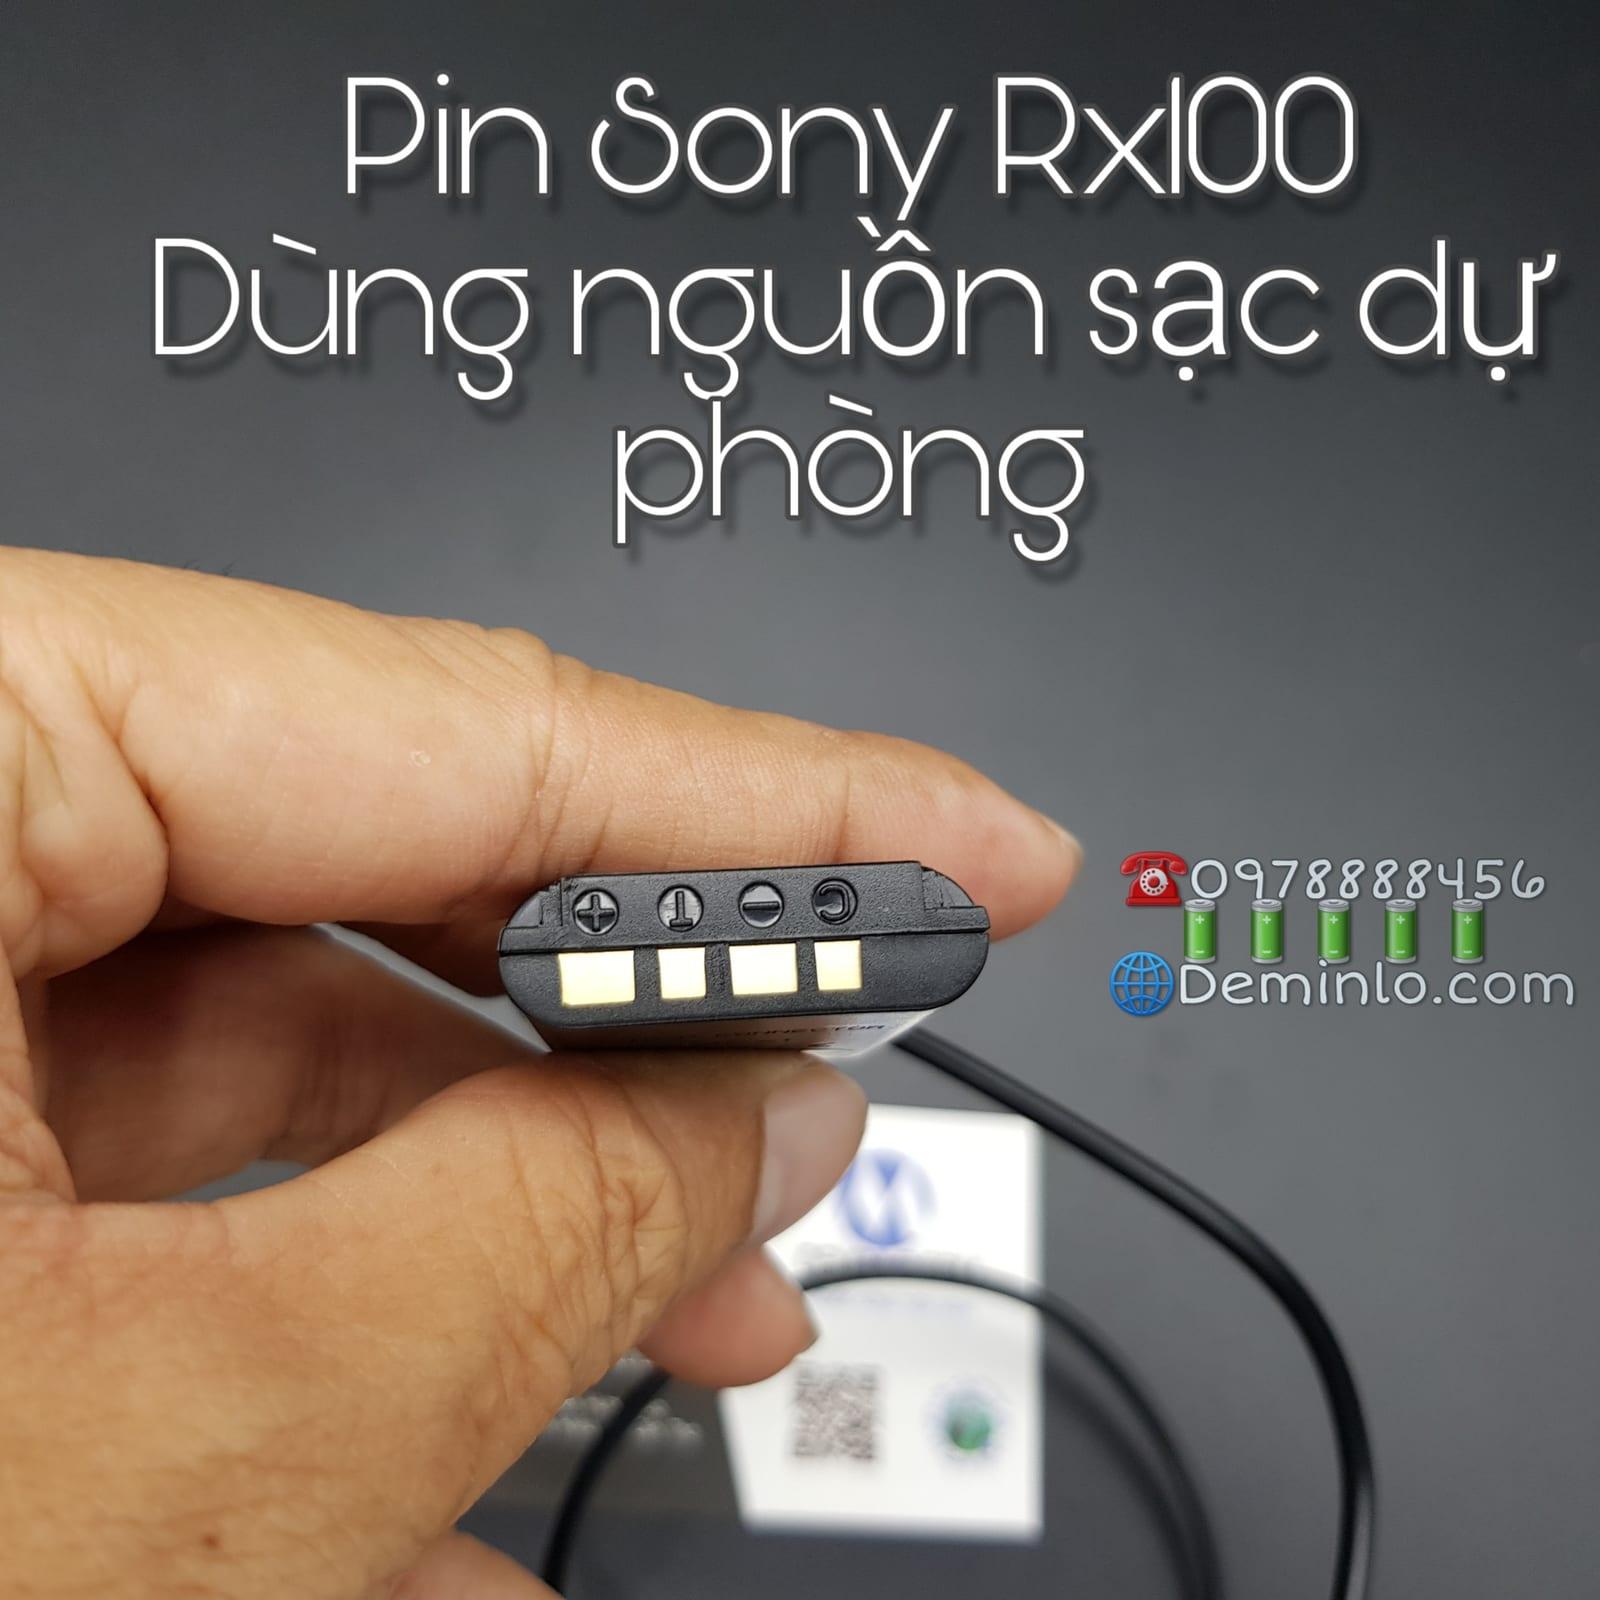 pin sony rx100 dùng nguồn sạc dự phòng